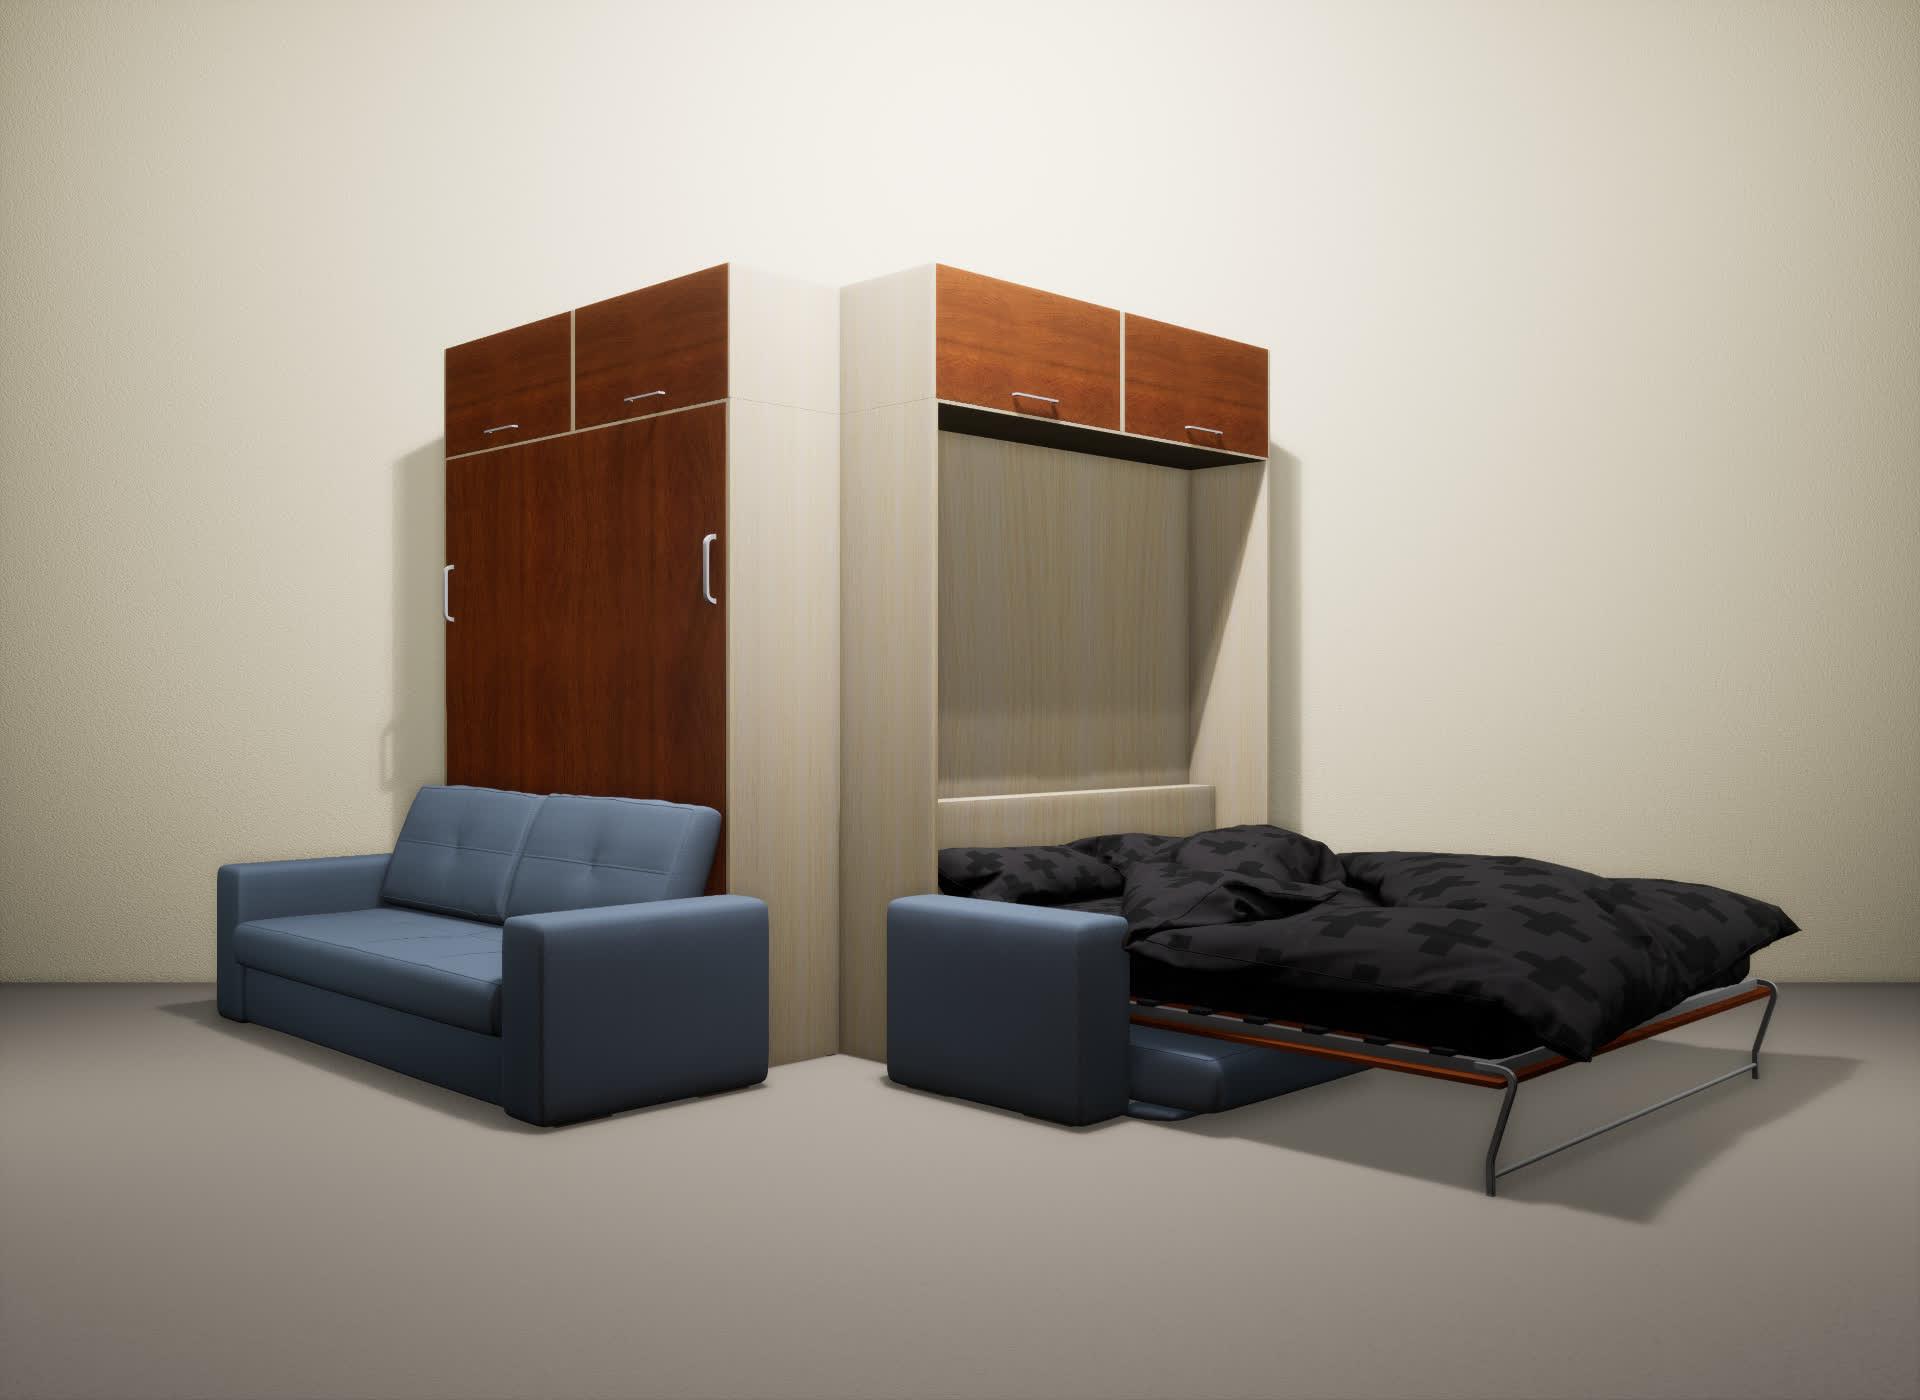 Шкаф-кровать SMART HOME Гамма молочный дуб/яблоня